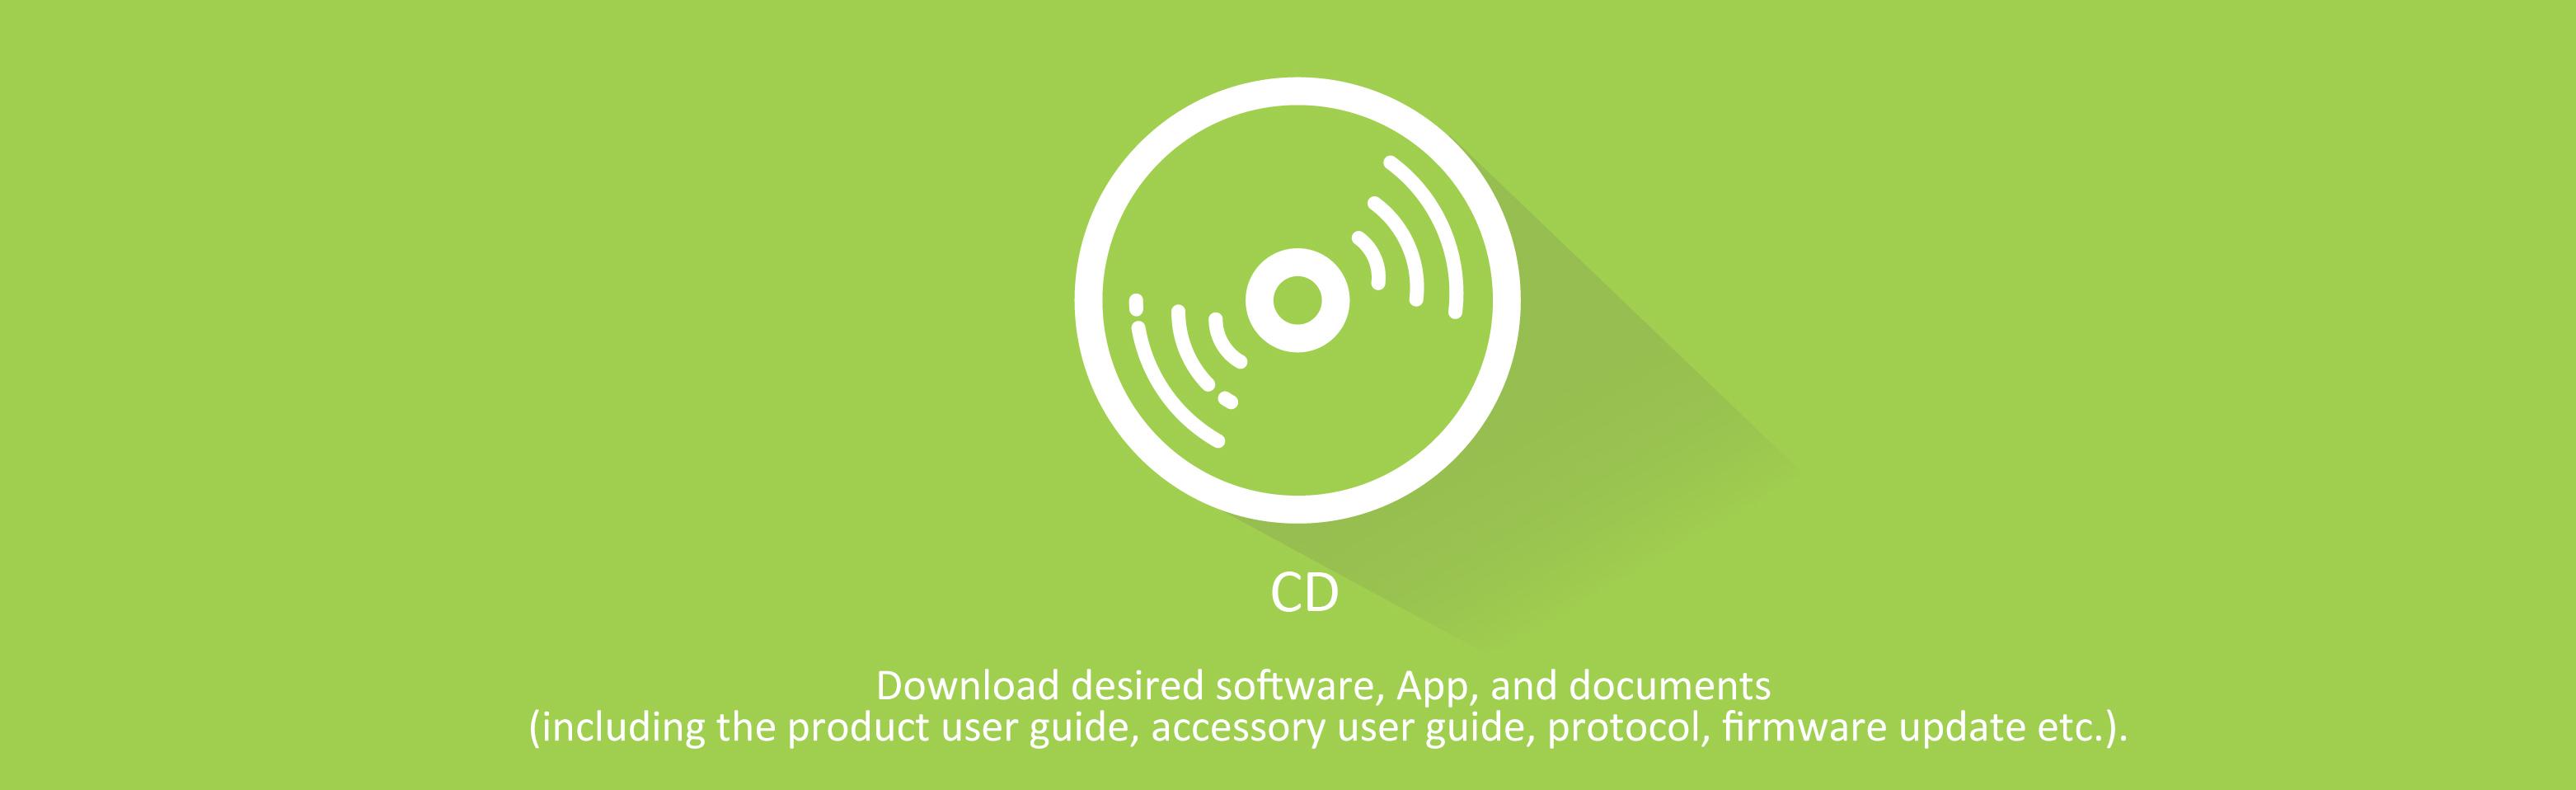 CD download